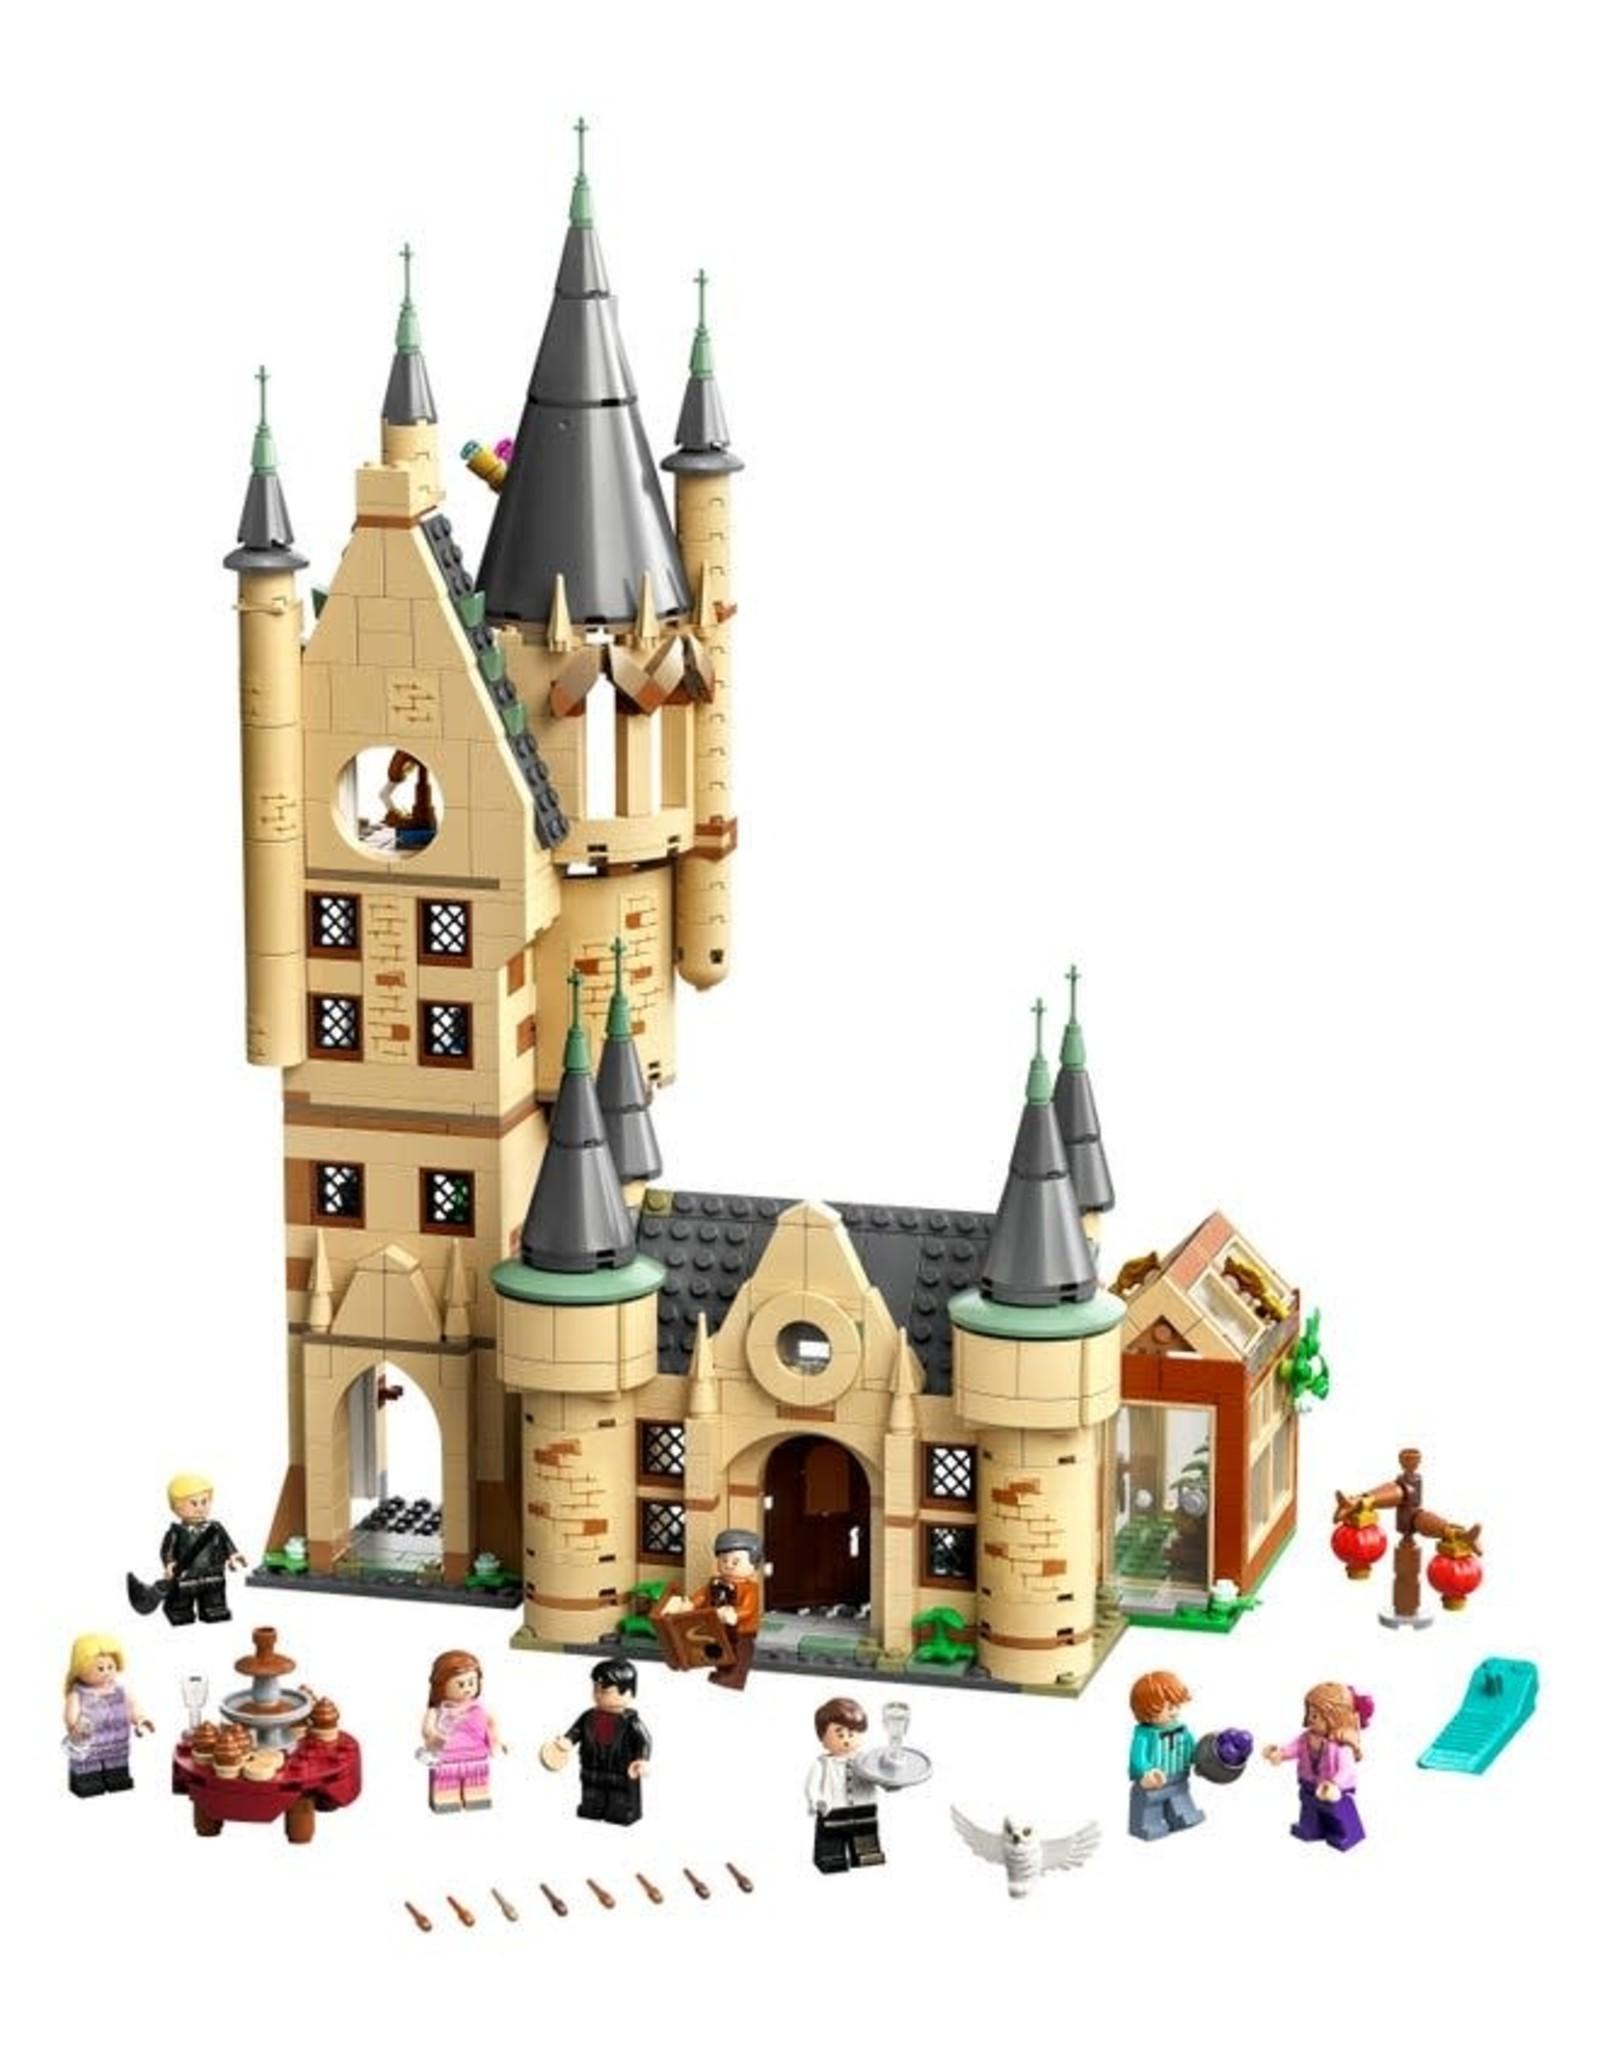 LEGO LEGO Harry Potter, Hogwarts Astronomy Tower